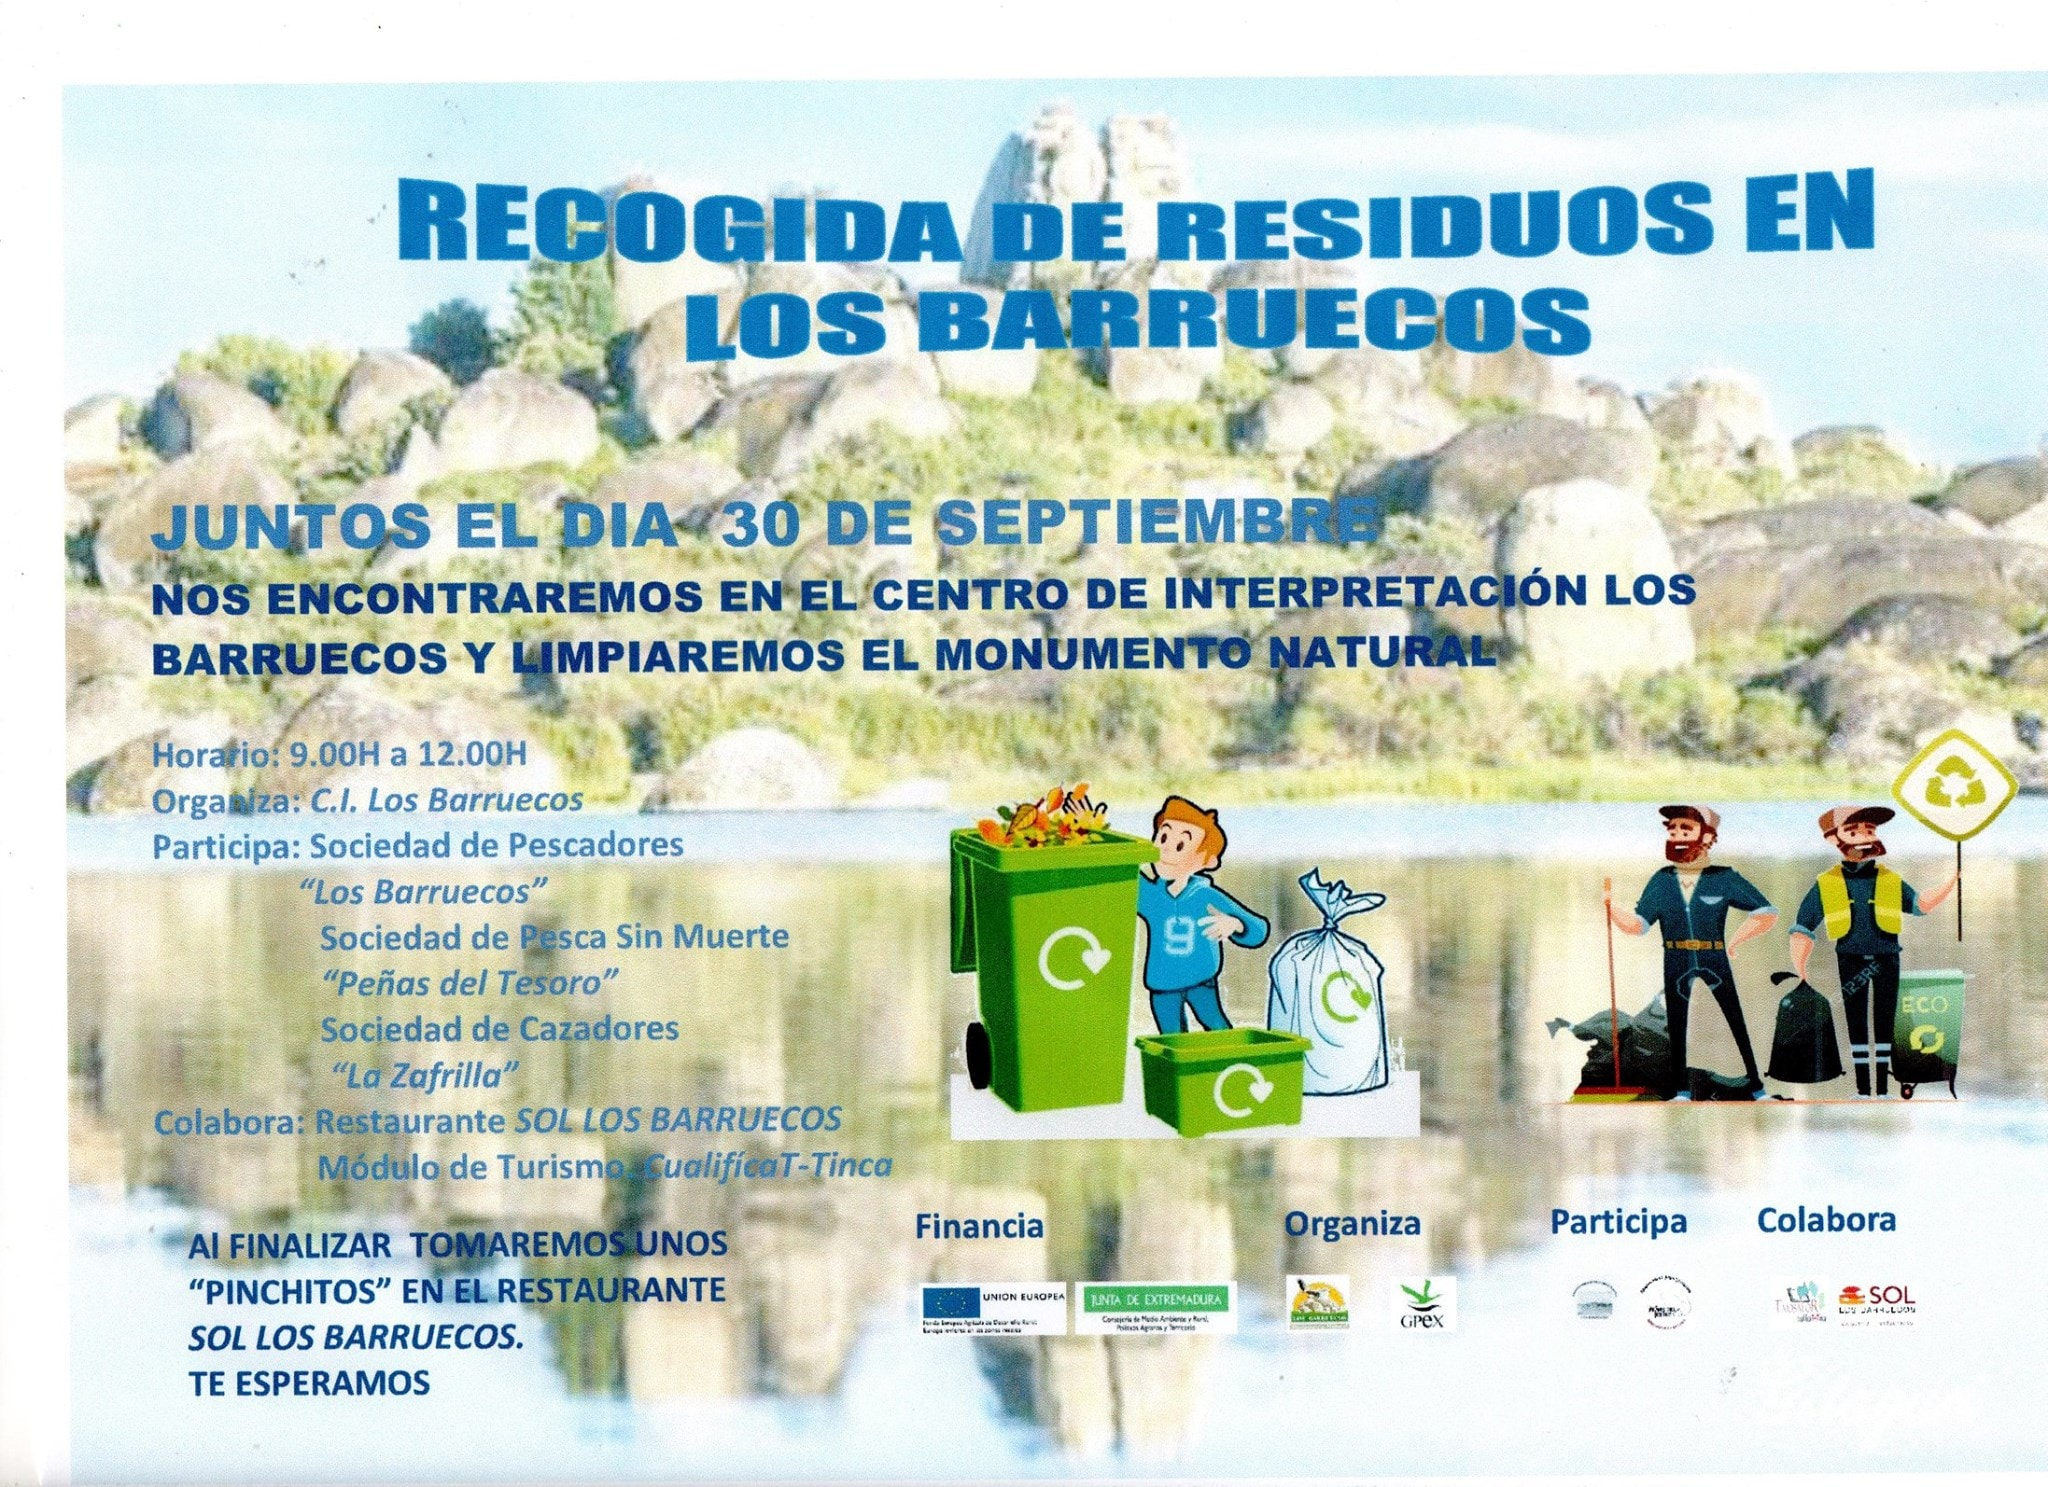 Recogida de residuos en los Barruecos, septiembre 2017